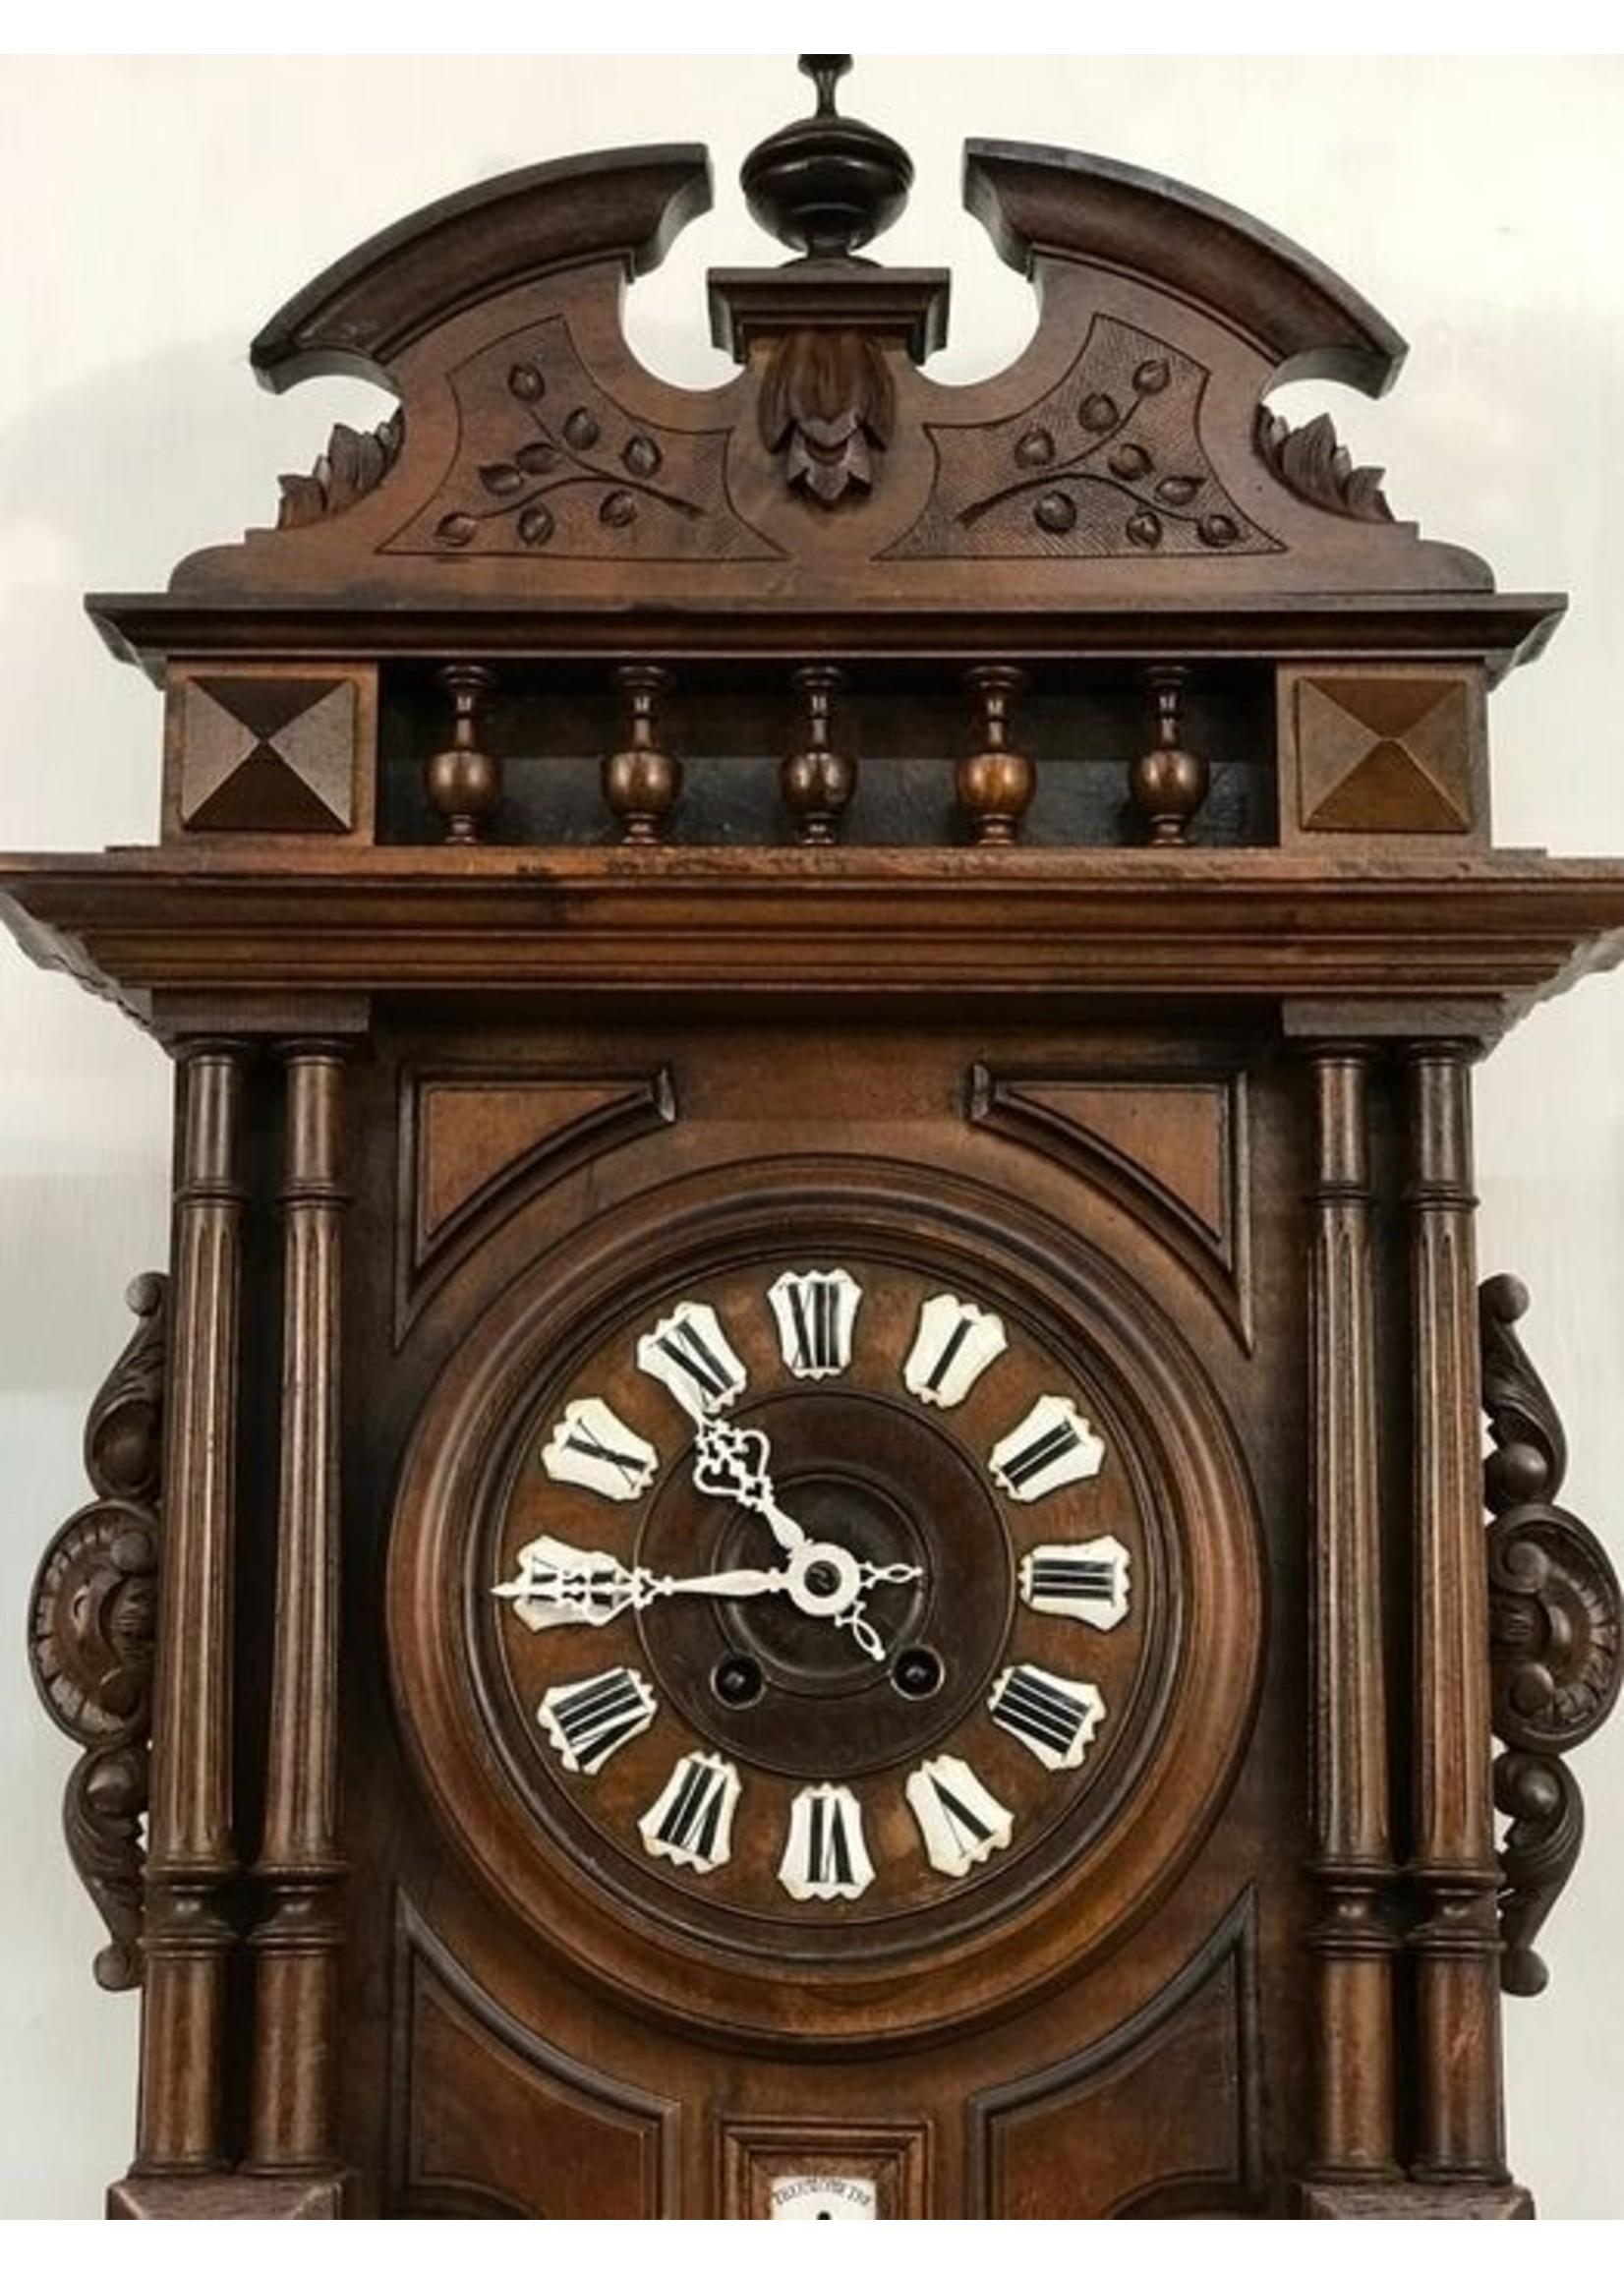 NiceTime Willem III wandklok met baro- en thermometer - 1900